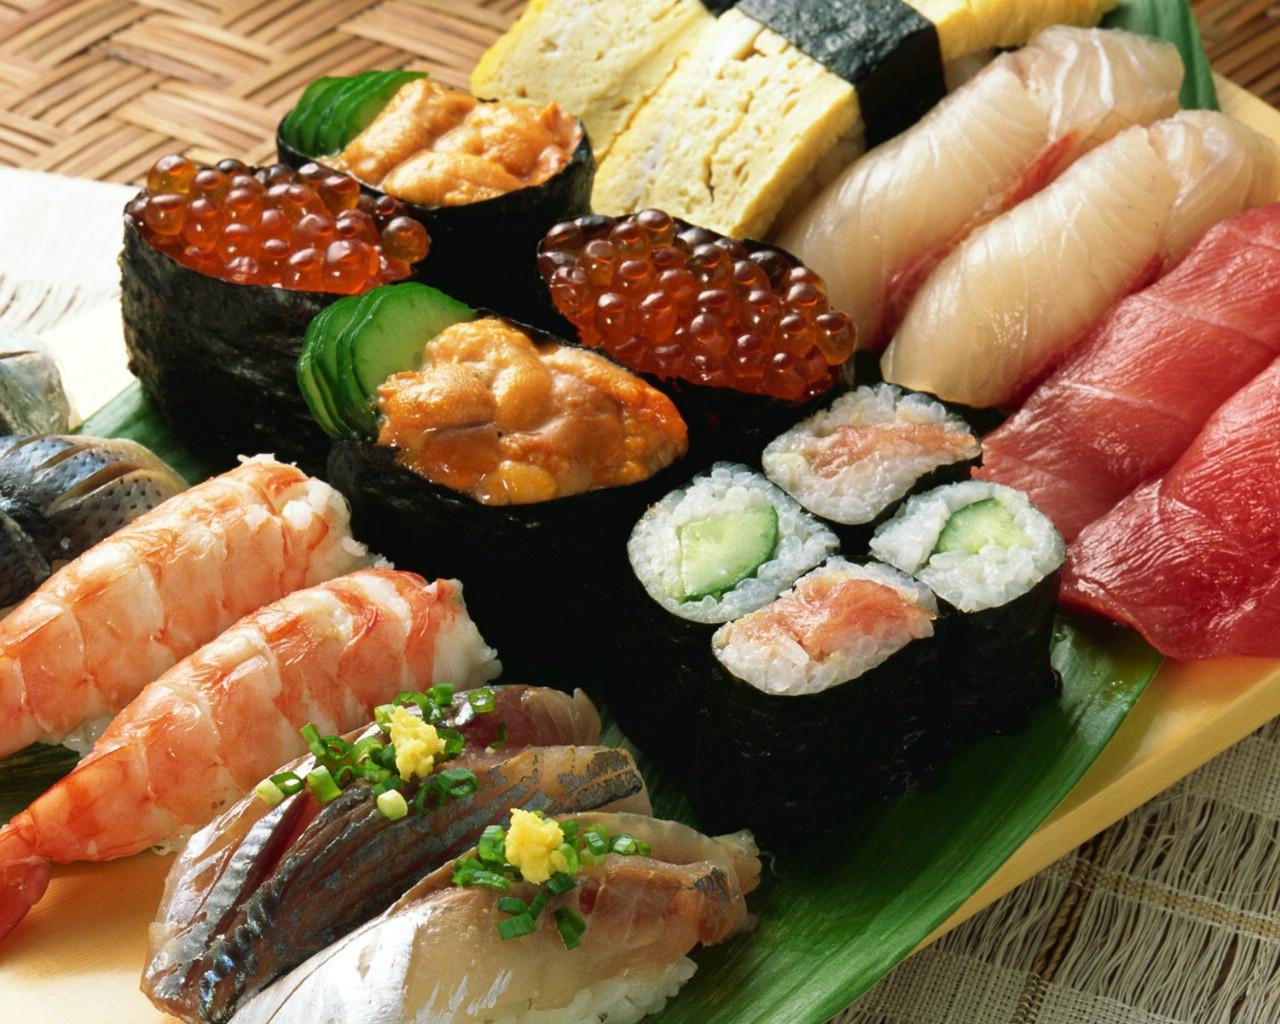 壁纸1280×1024海鲜美食 2 18壁纸 海鲜美食壁纸图片美食壁纸美食图片素材桌面壁纸